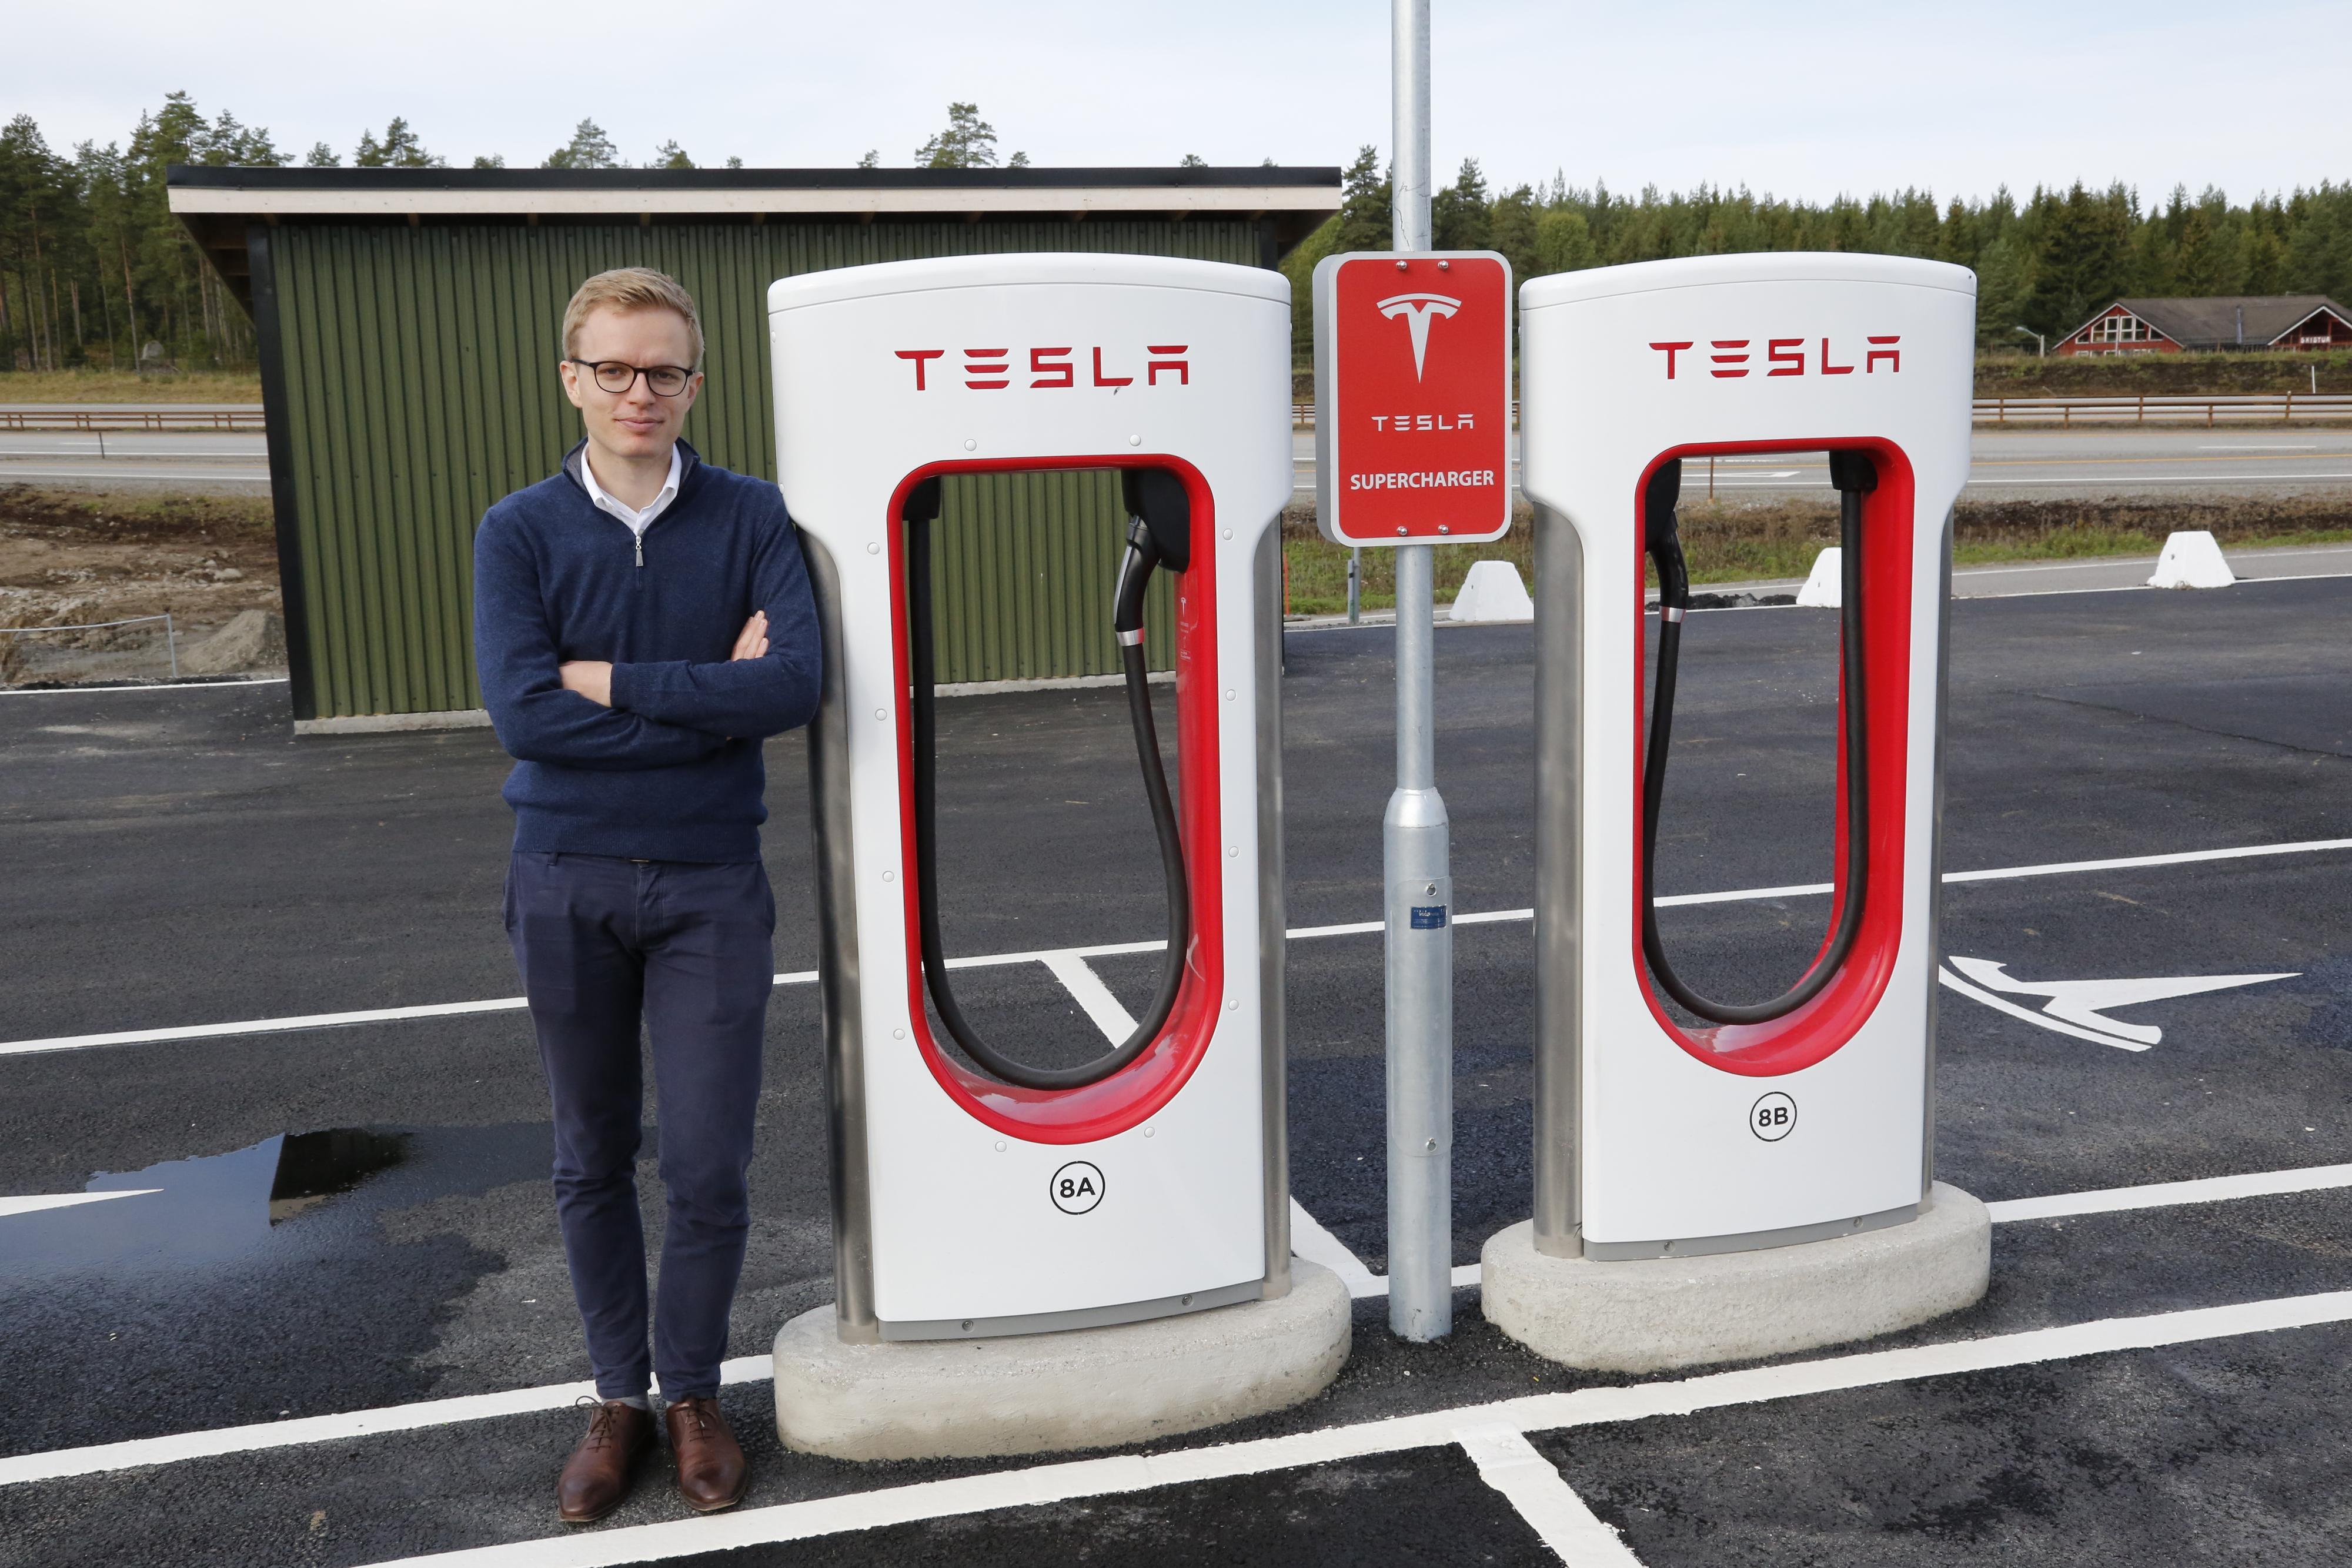 Kommunikasjonssjef Even Sandvold Roland i Tesla sier fraværsdommen har gitt det som etter deres mening er en unyansert framstilling av saken.